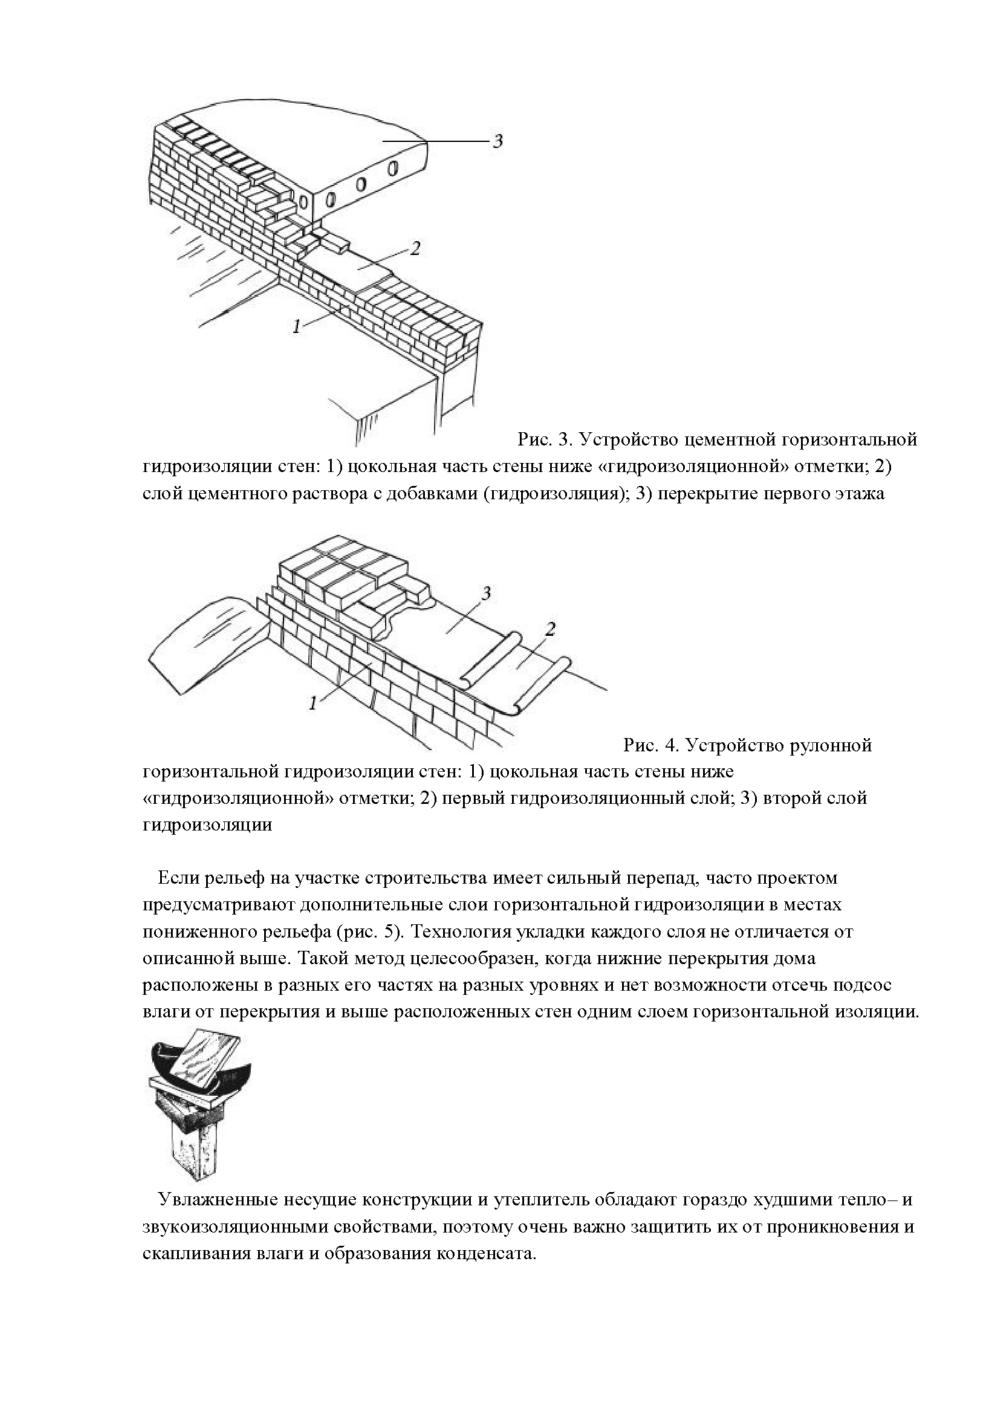 http://i1.imageban.ru/out/2013/11/29/b79dc2f21ce5f2ef8a4e15458c6dfe45.jpg